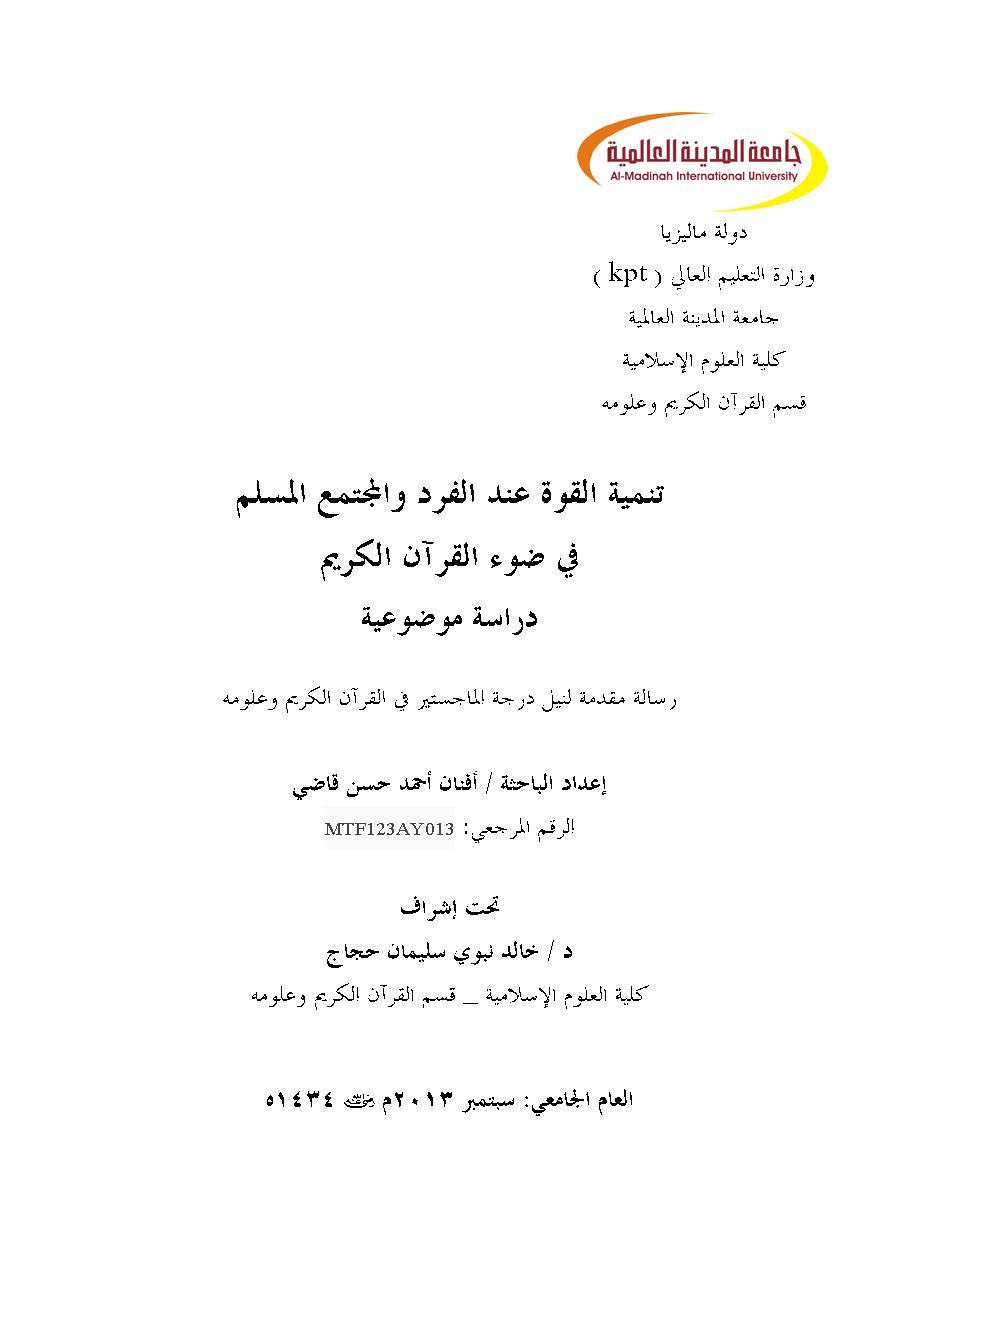 تحميل كتاب تنمية القوة عند الفرد والمجتمع المسلم في ضوء القرآن الكريم (دراسة موضوعية) لـِ: أفنان أحمد حسن قاضي